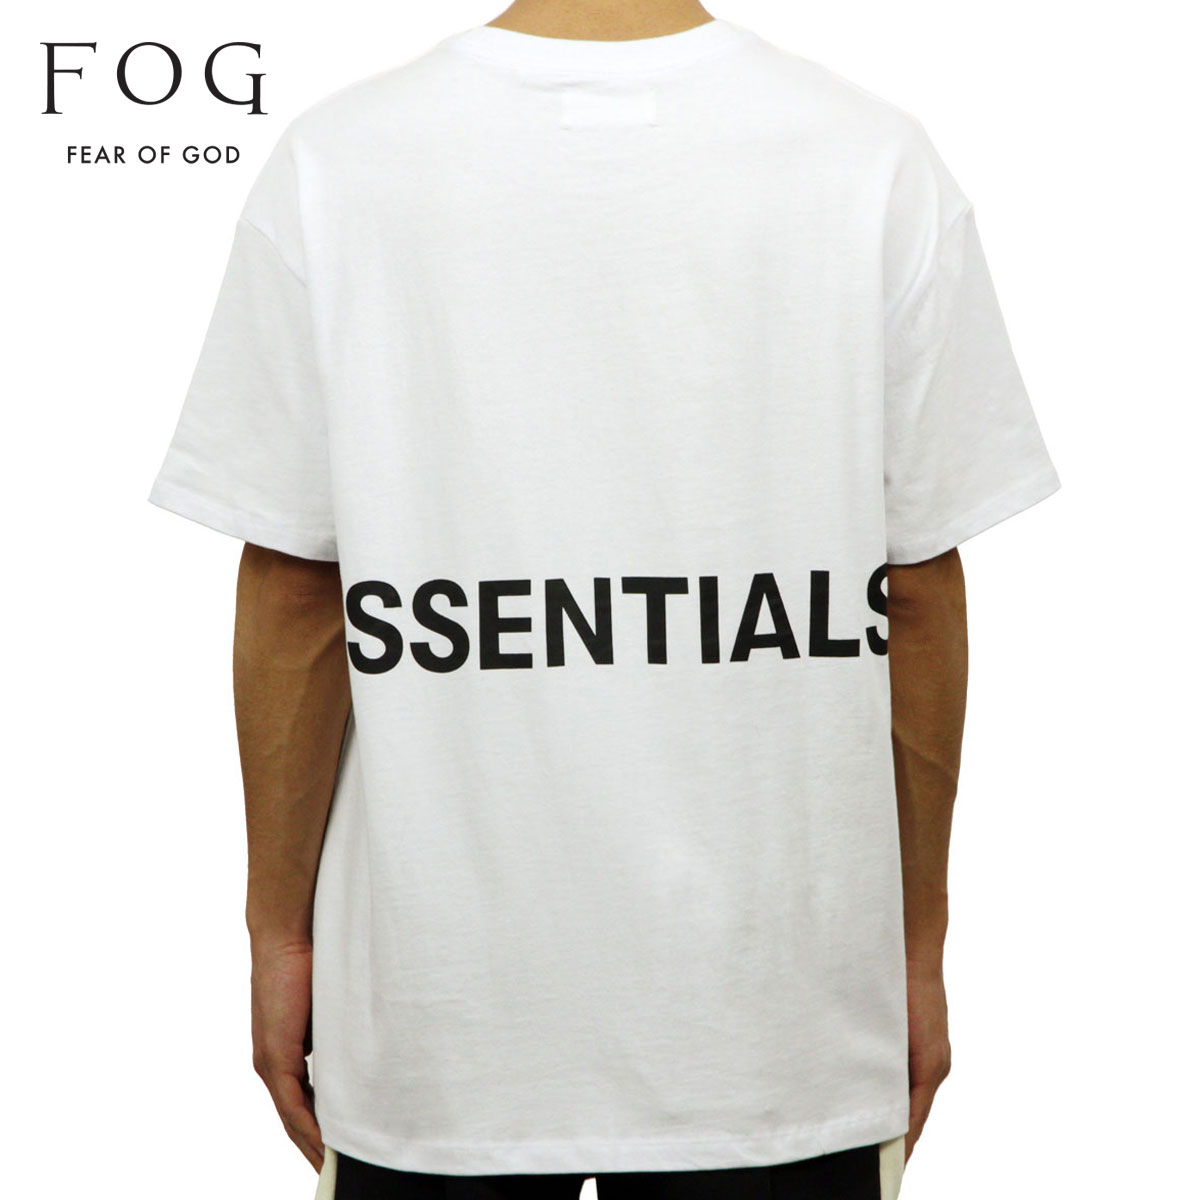 フィアオブゴッド FEAR OF GOD 正規品 メンズ クルーネック バックプリント 半袖Tシャツ FOG - FEAR OF GOD ESSENTIALS BOXY GRAPHIC T-SHIRT WHITE